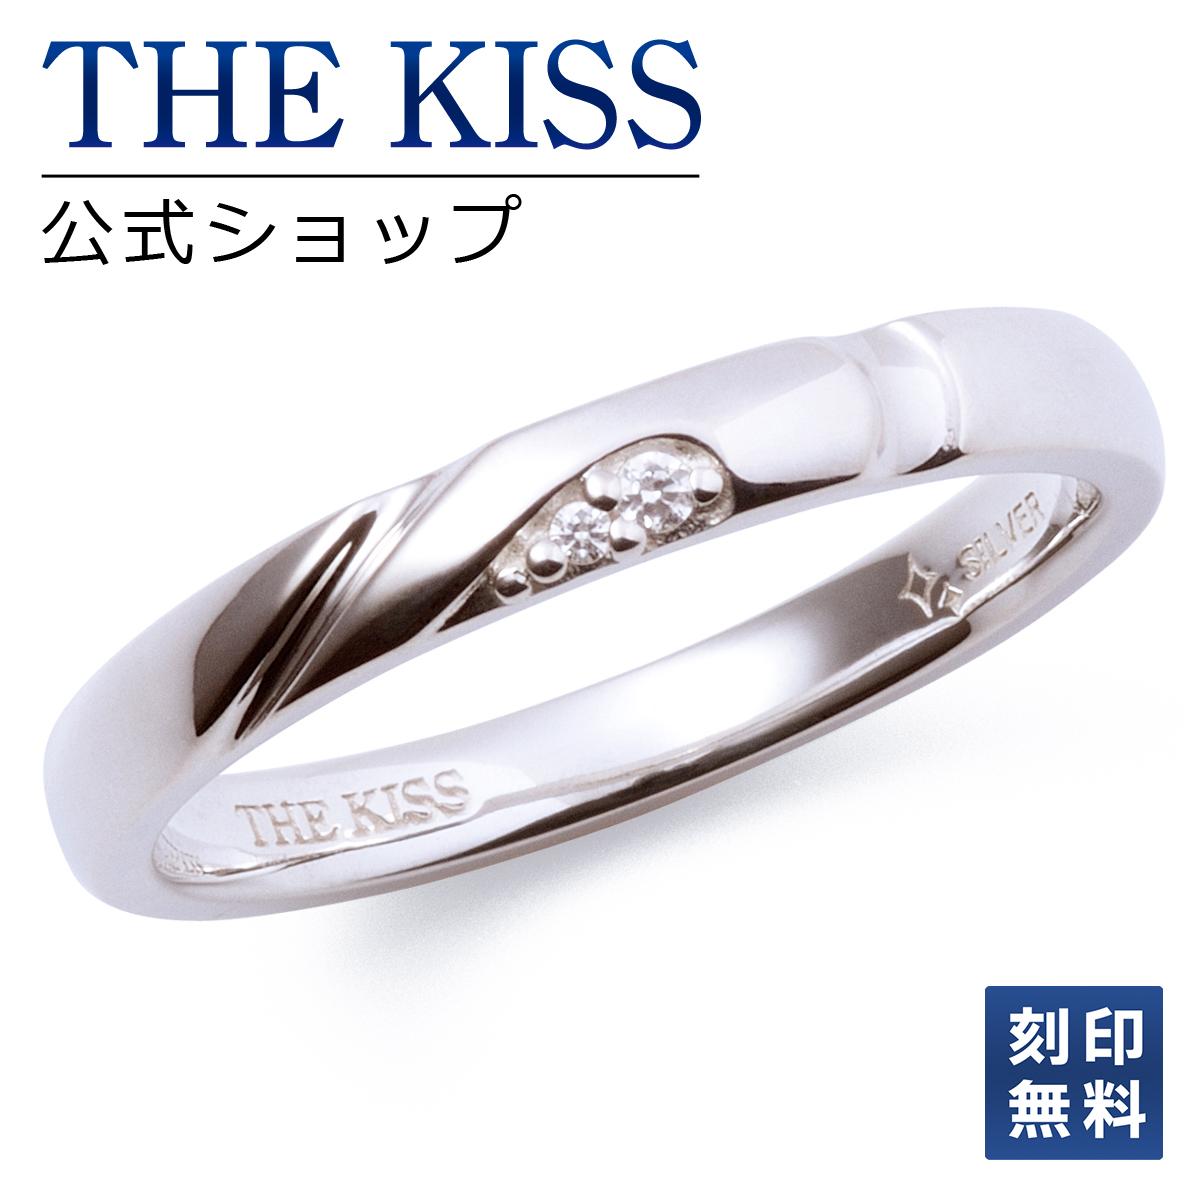 【あす楽対応】THE KISS 公式サイト シルバー ペアリング ( レディース 単品 ) ペアアクセサリー カップル に 人気 の ジュエリーブランド THEKISS ペア リング・指輪 記念日 プレゼント PSR816CB ザキス 【送料無料】